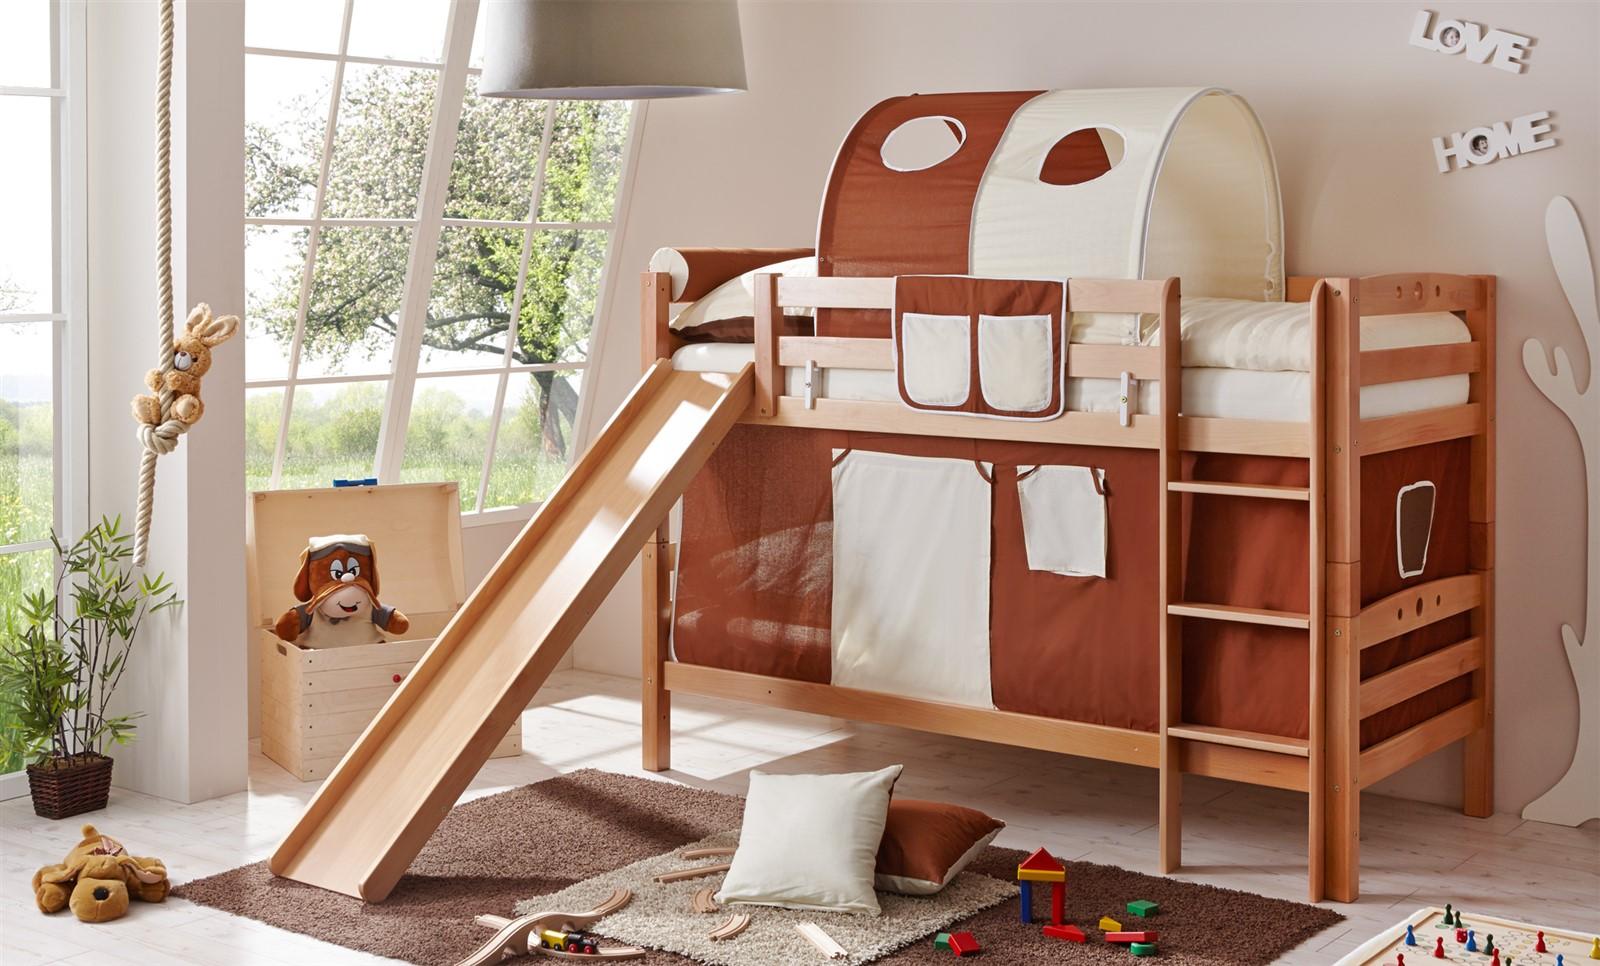 Etagenbett Buche Extra : Hochbett etagenbett oli 2 buche massiv extra hoch ebay